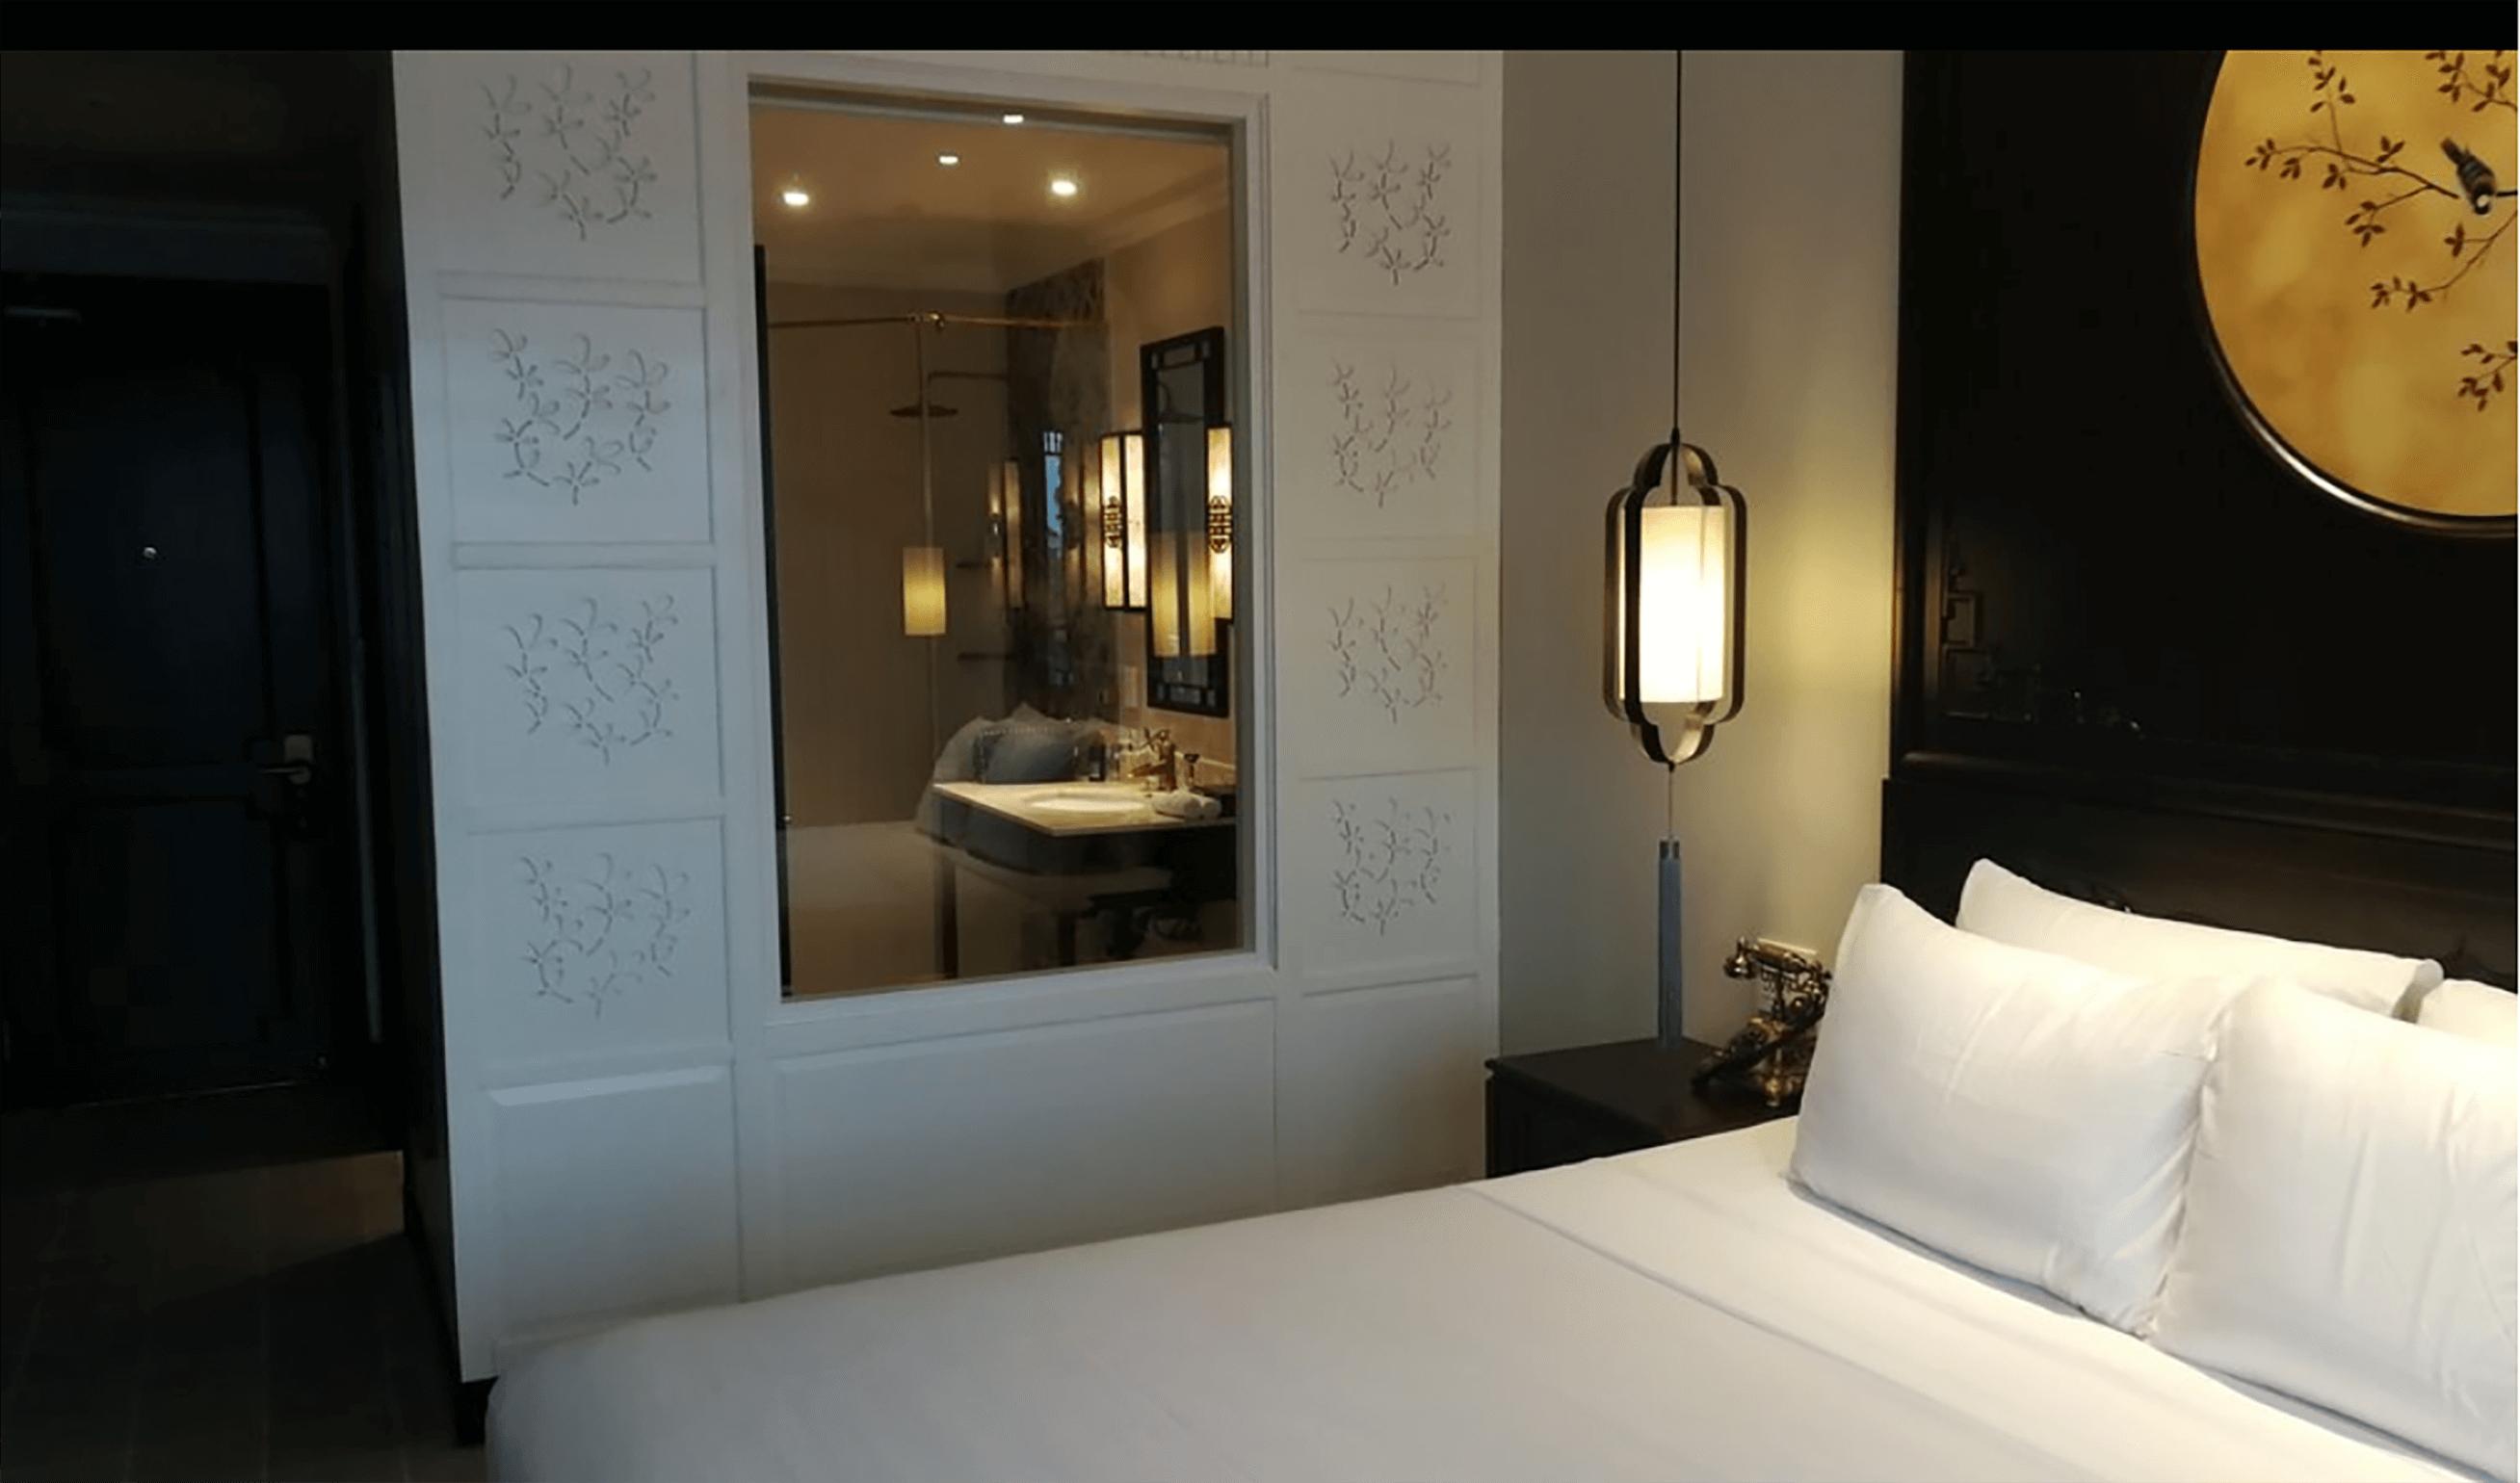 Đèn thả của Đèn Xinh với ánh sáng vàng giúp không gian phòng ngủ của dự án Laluna HA Room trở nên nhẹ nhàng hơn